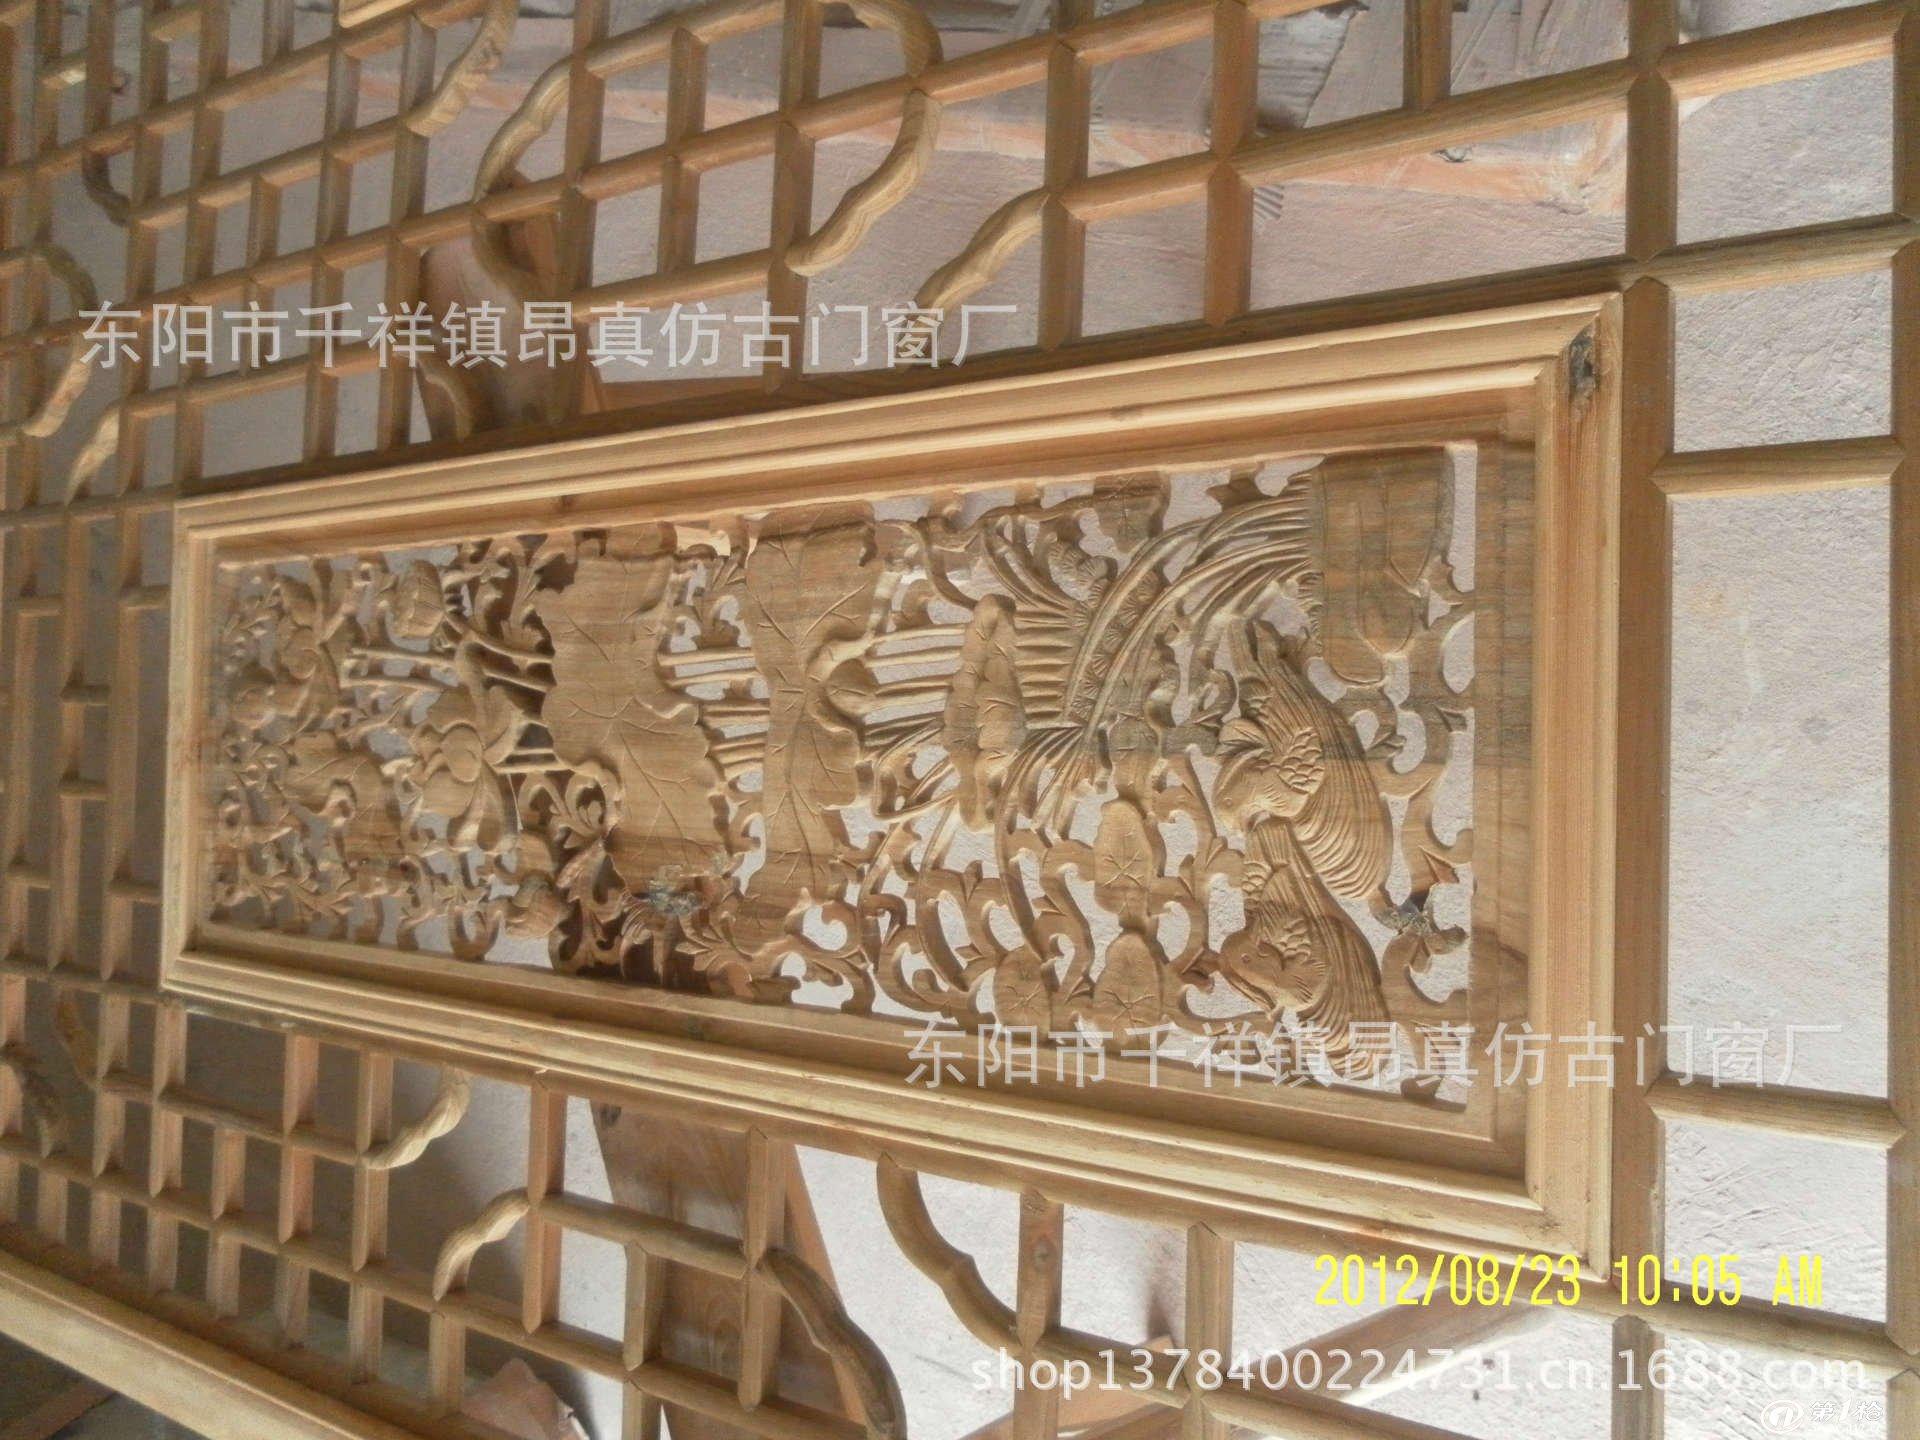 东阳木雕 仿古门窗 实木门窗 花格门 雕刻门